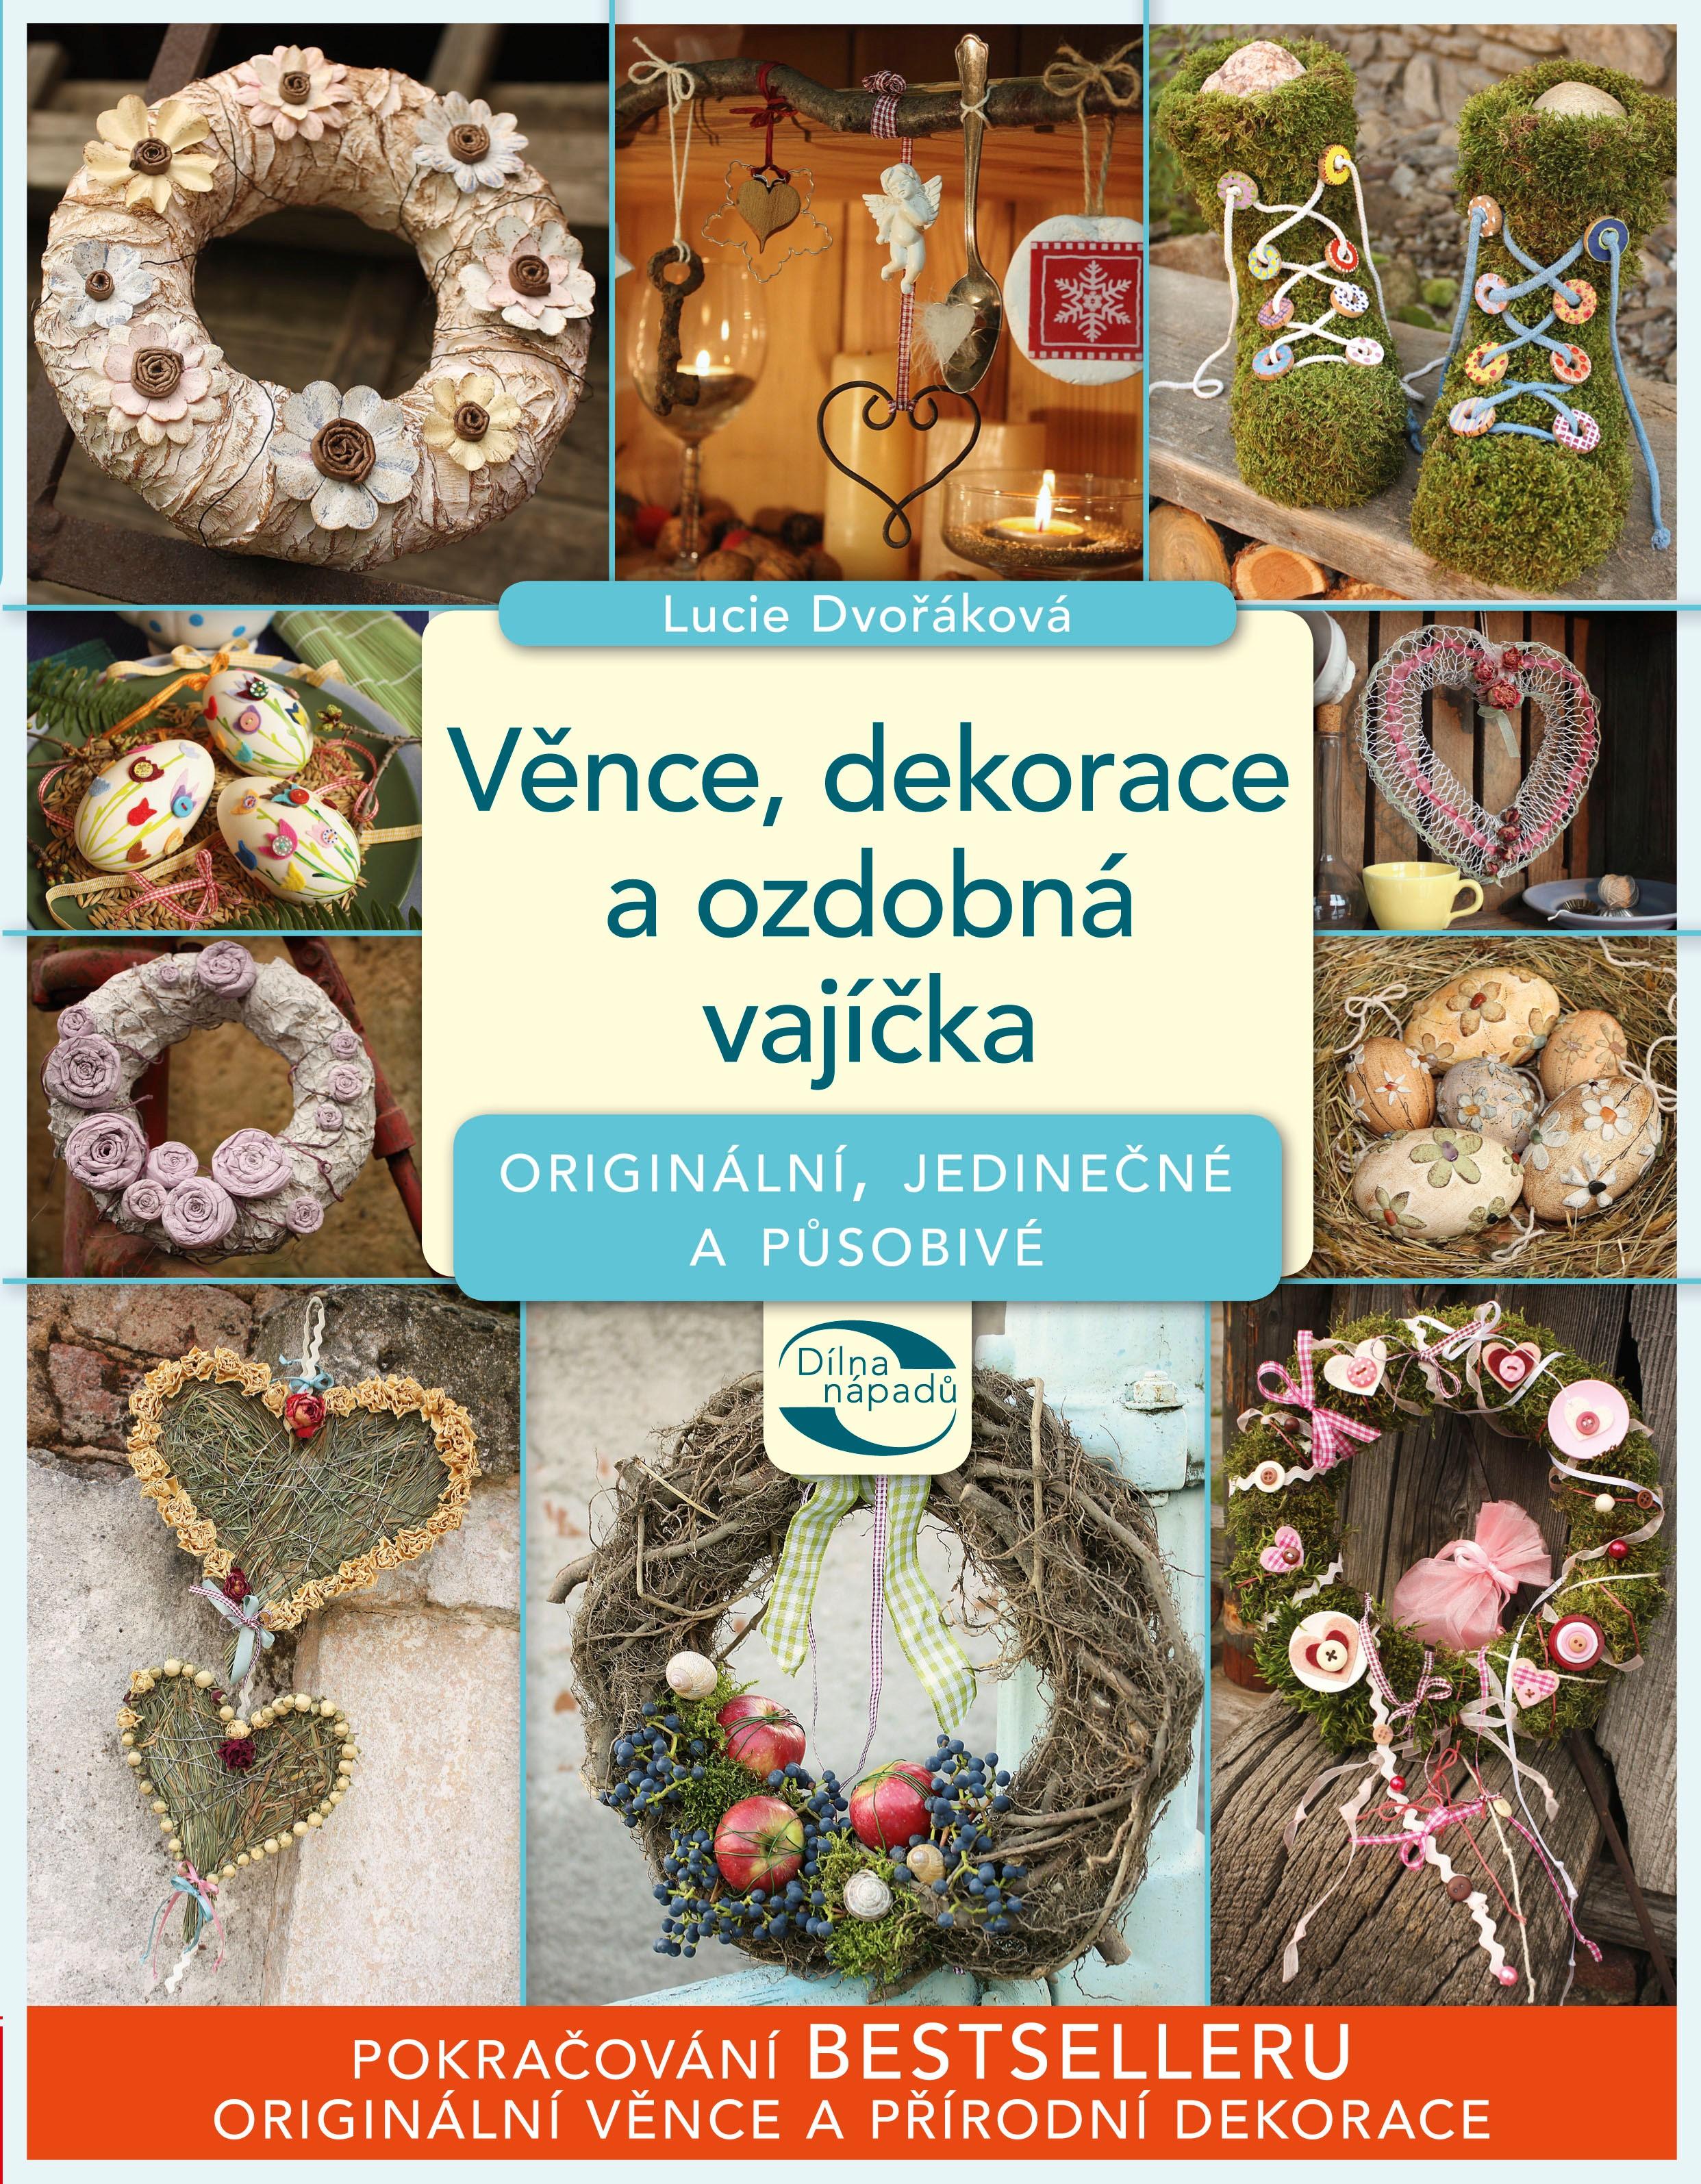 Věnce, dekorace a ozdobná vajíčka | Lucie Dvořáková